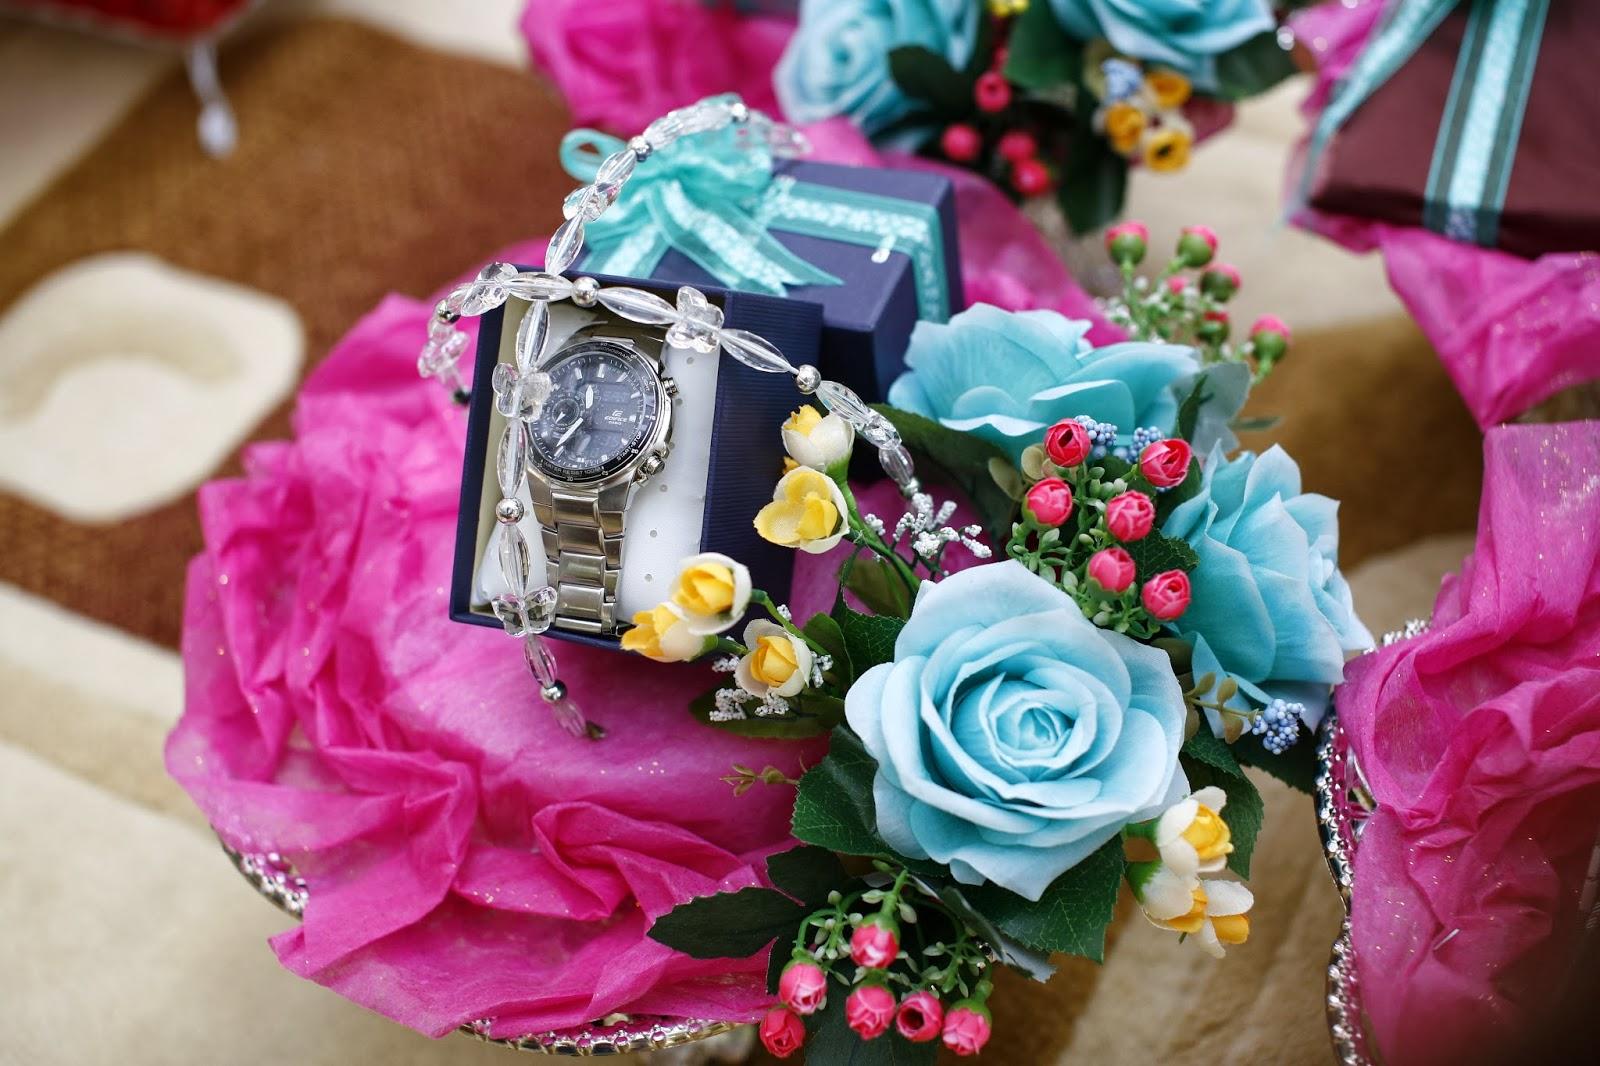 Idea gubahan hantaran perkahwinan atau pertunangan d ef jay for Idea untuk doorgift perkahwinan